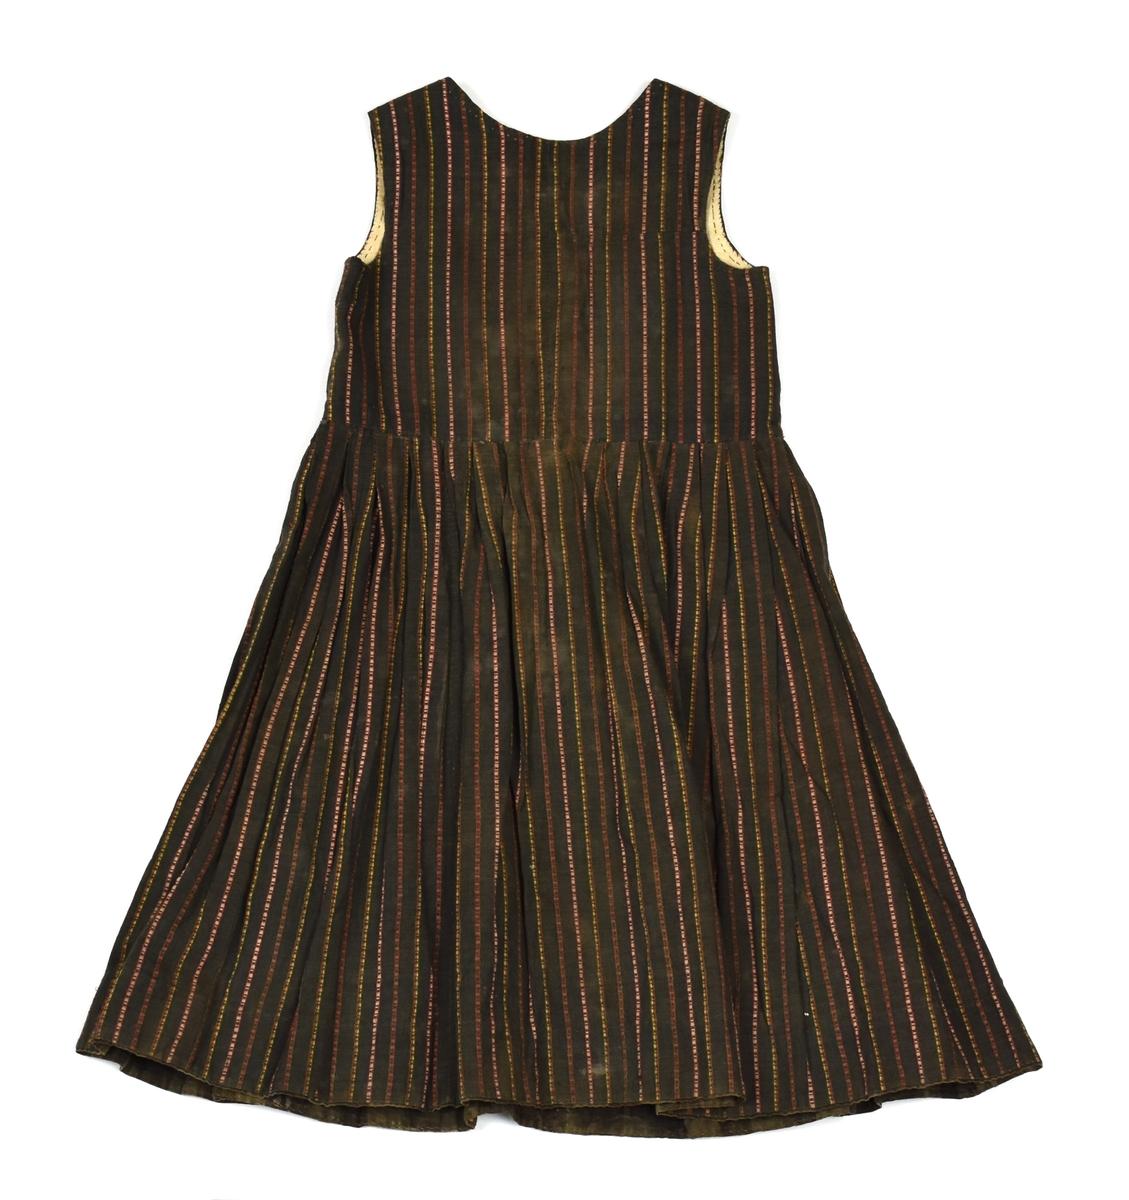 Brun kjol med smala ränder i rött, grönt, vitt och gult. Livet är fodrat med linnelärft, figursytt och knäpps med sex hyskor och hakar. Kjolen är uppfållad med grå och svartrutigt bomullstyg samt har ladga veck i midjan.